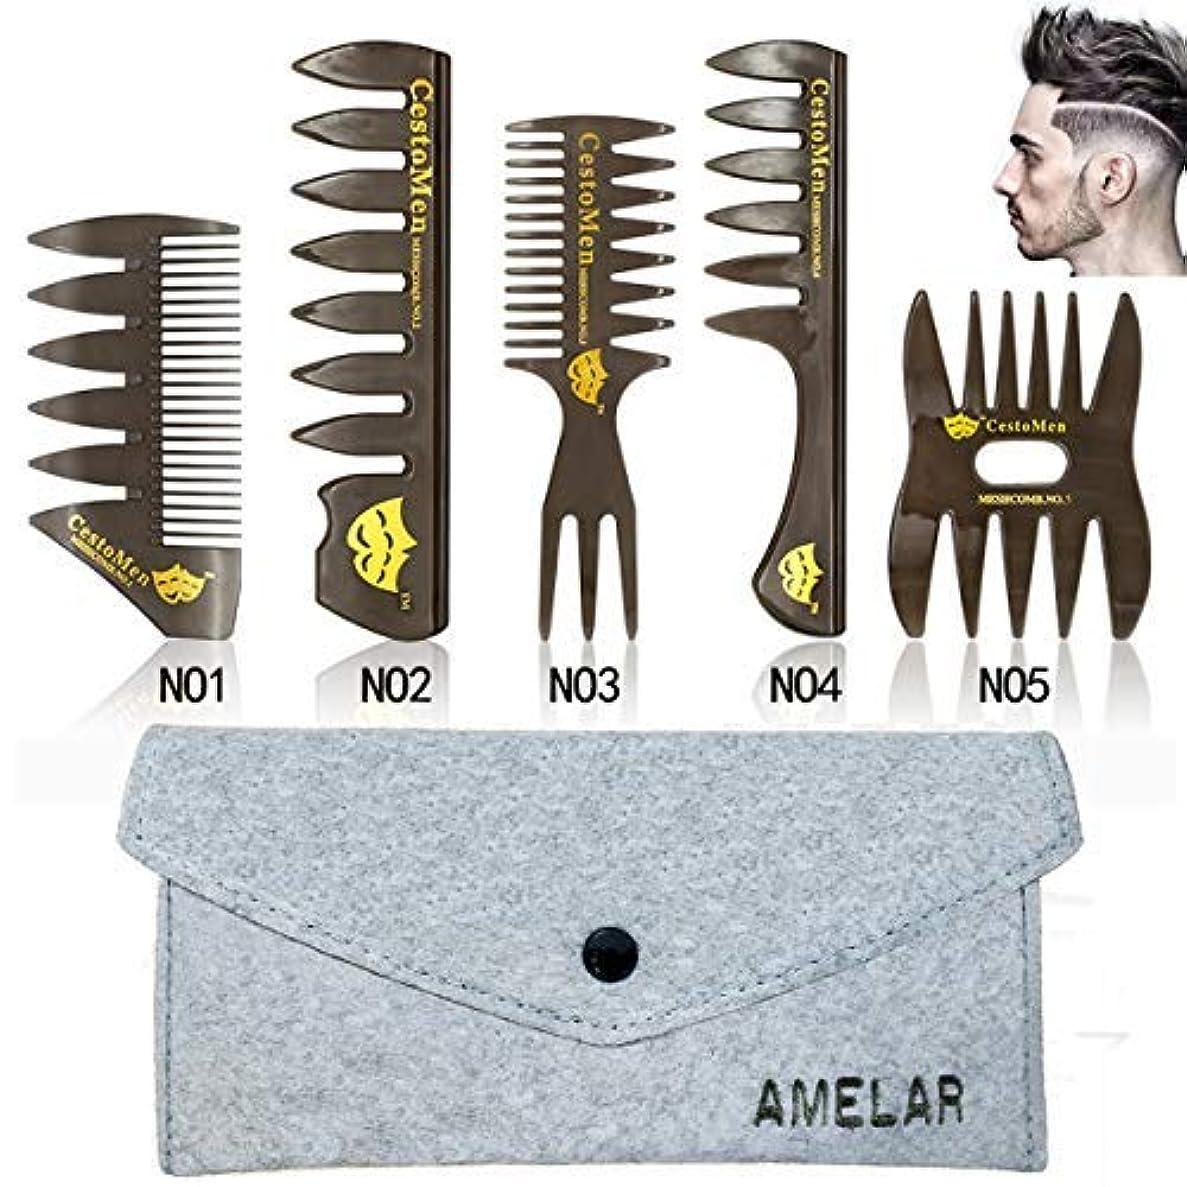 強調する盆逮捕6 PCS Hair Comb Styling Set Barber Hairstylist Accessories,Professional Shaping & Wet Pick Barber Brush Tools,...